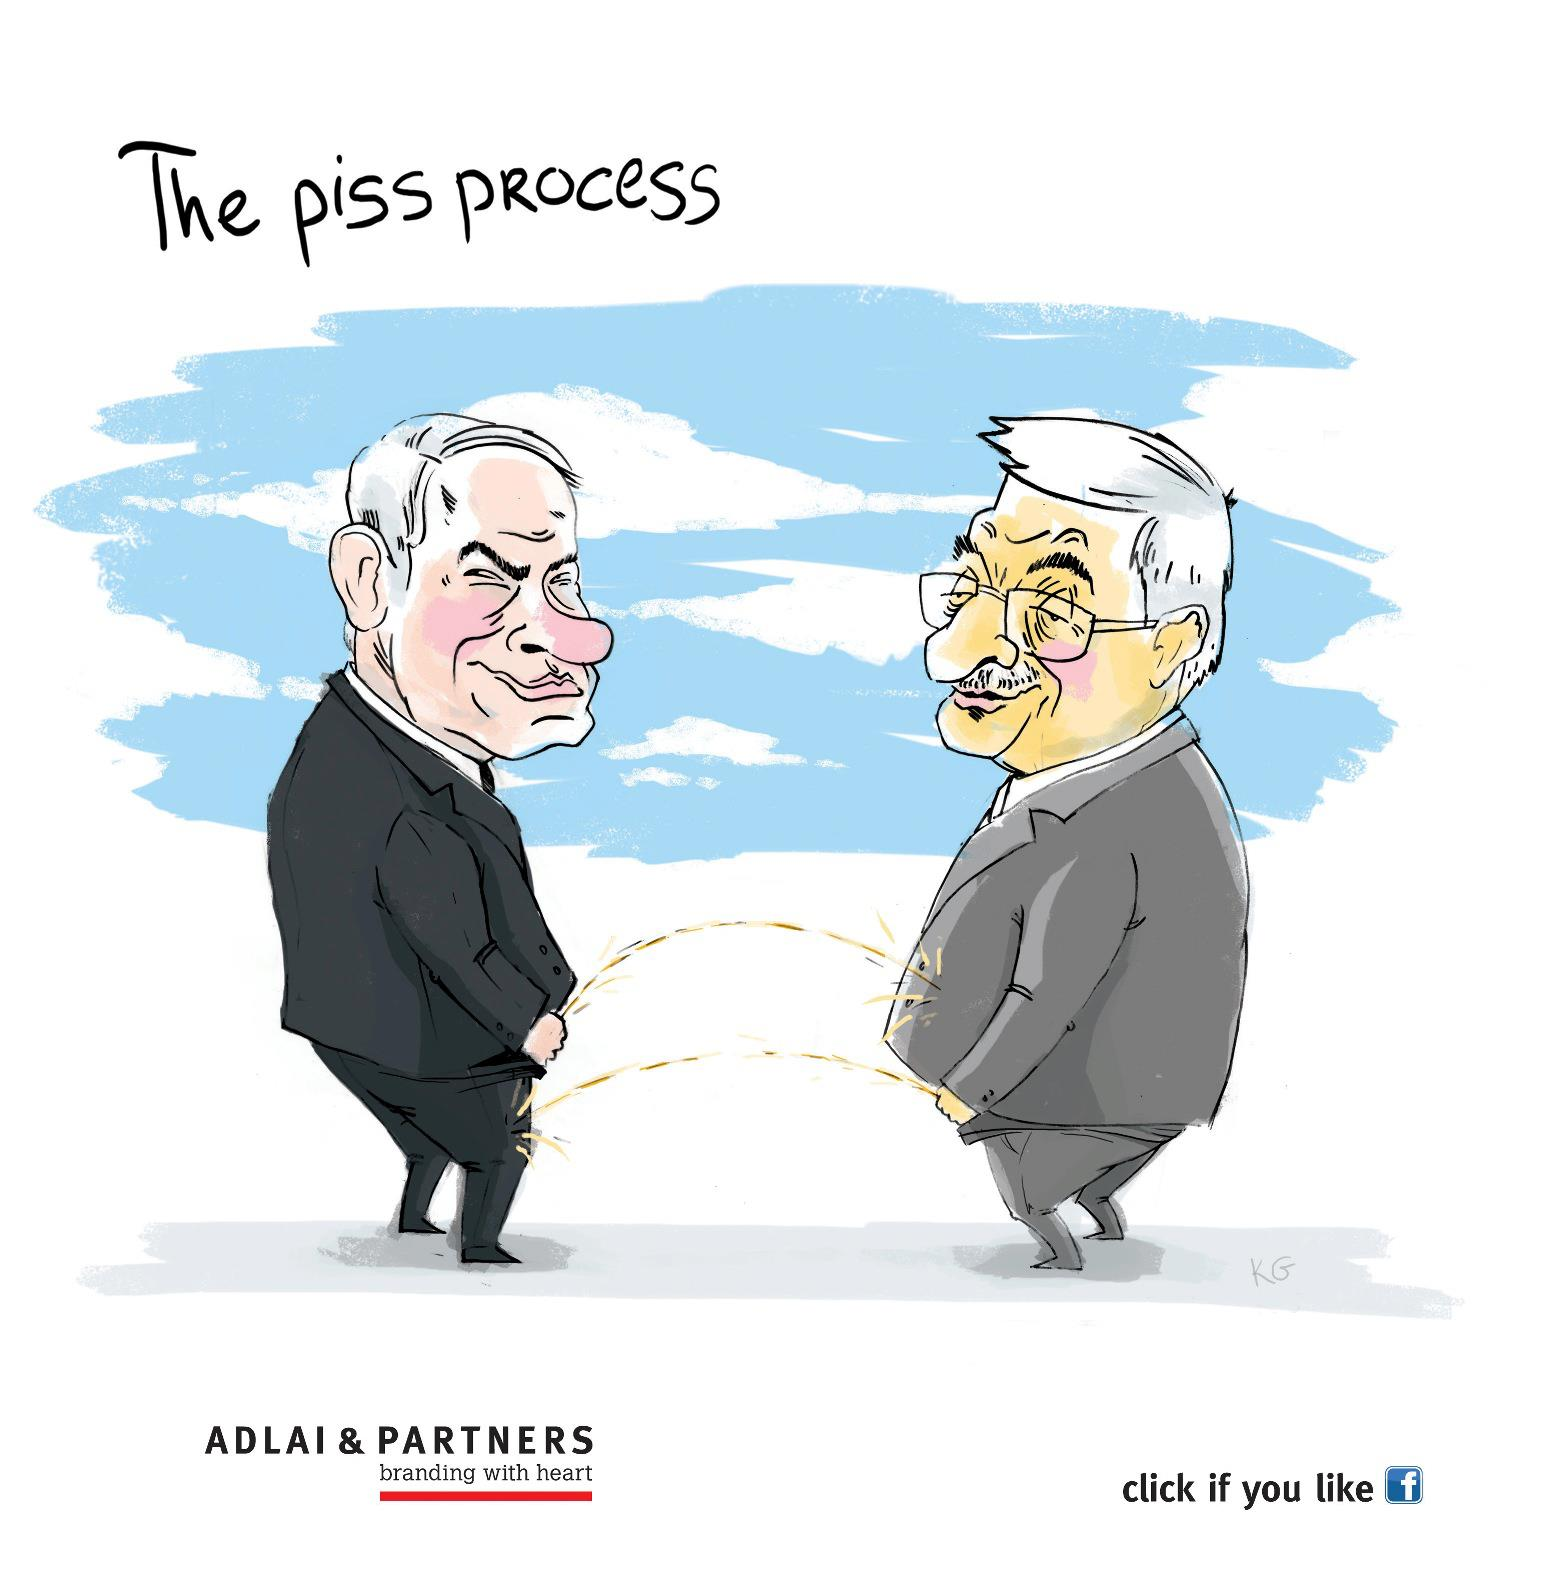 הסכם השלום על פי עדלי סטוק